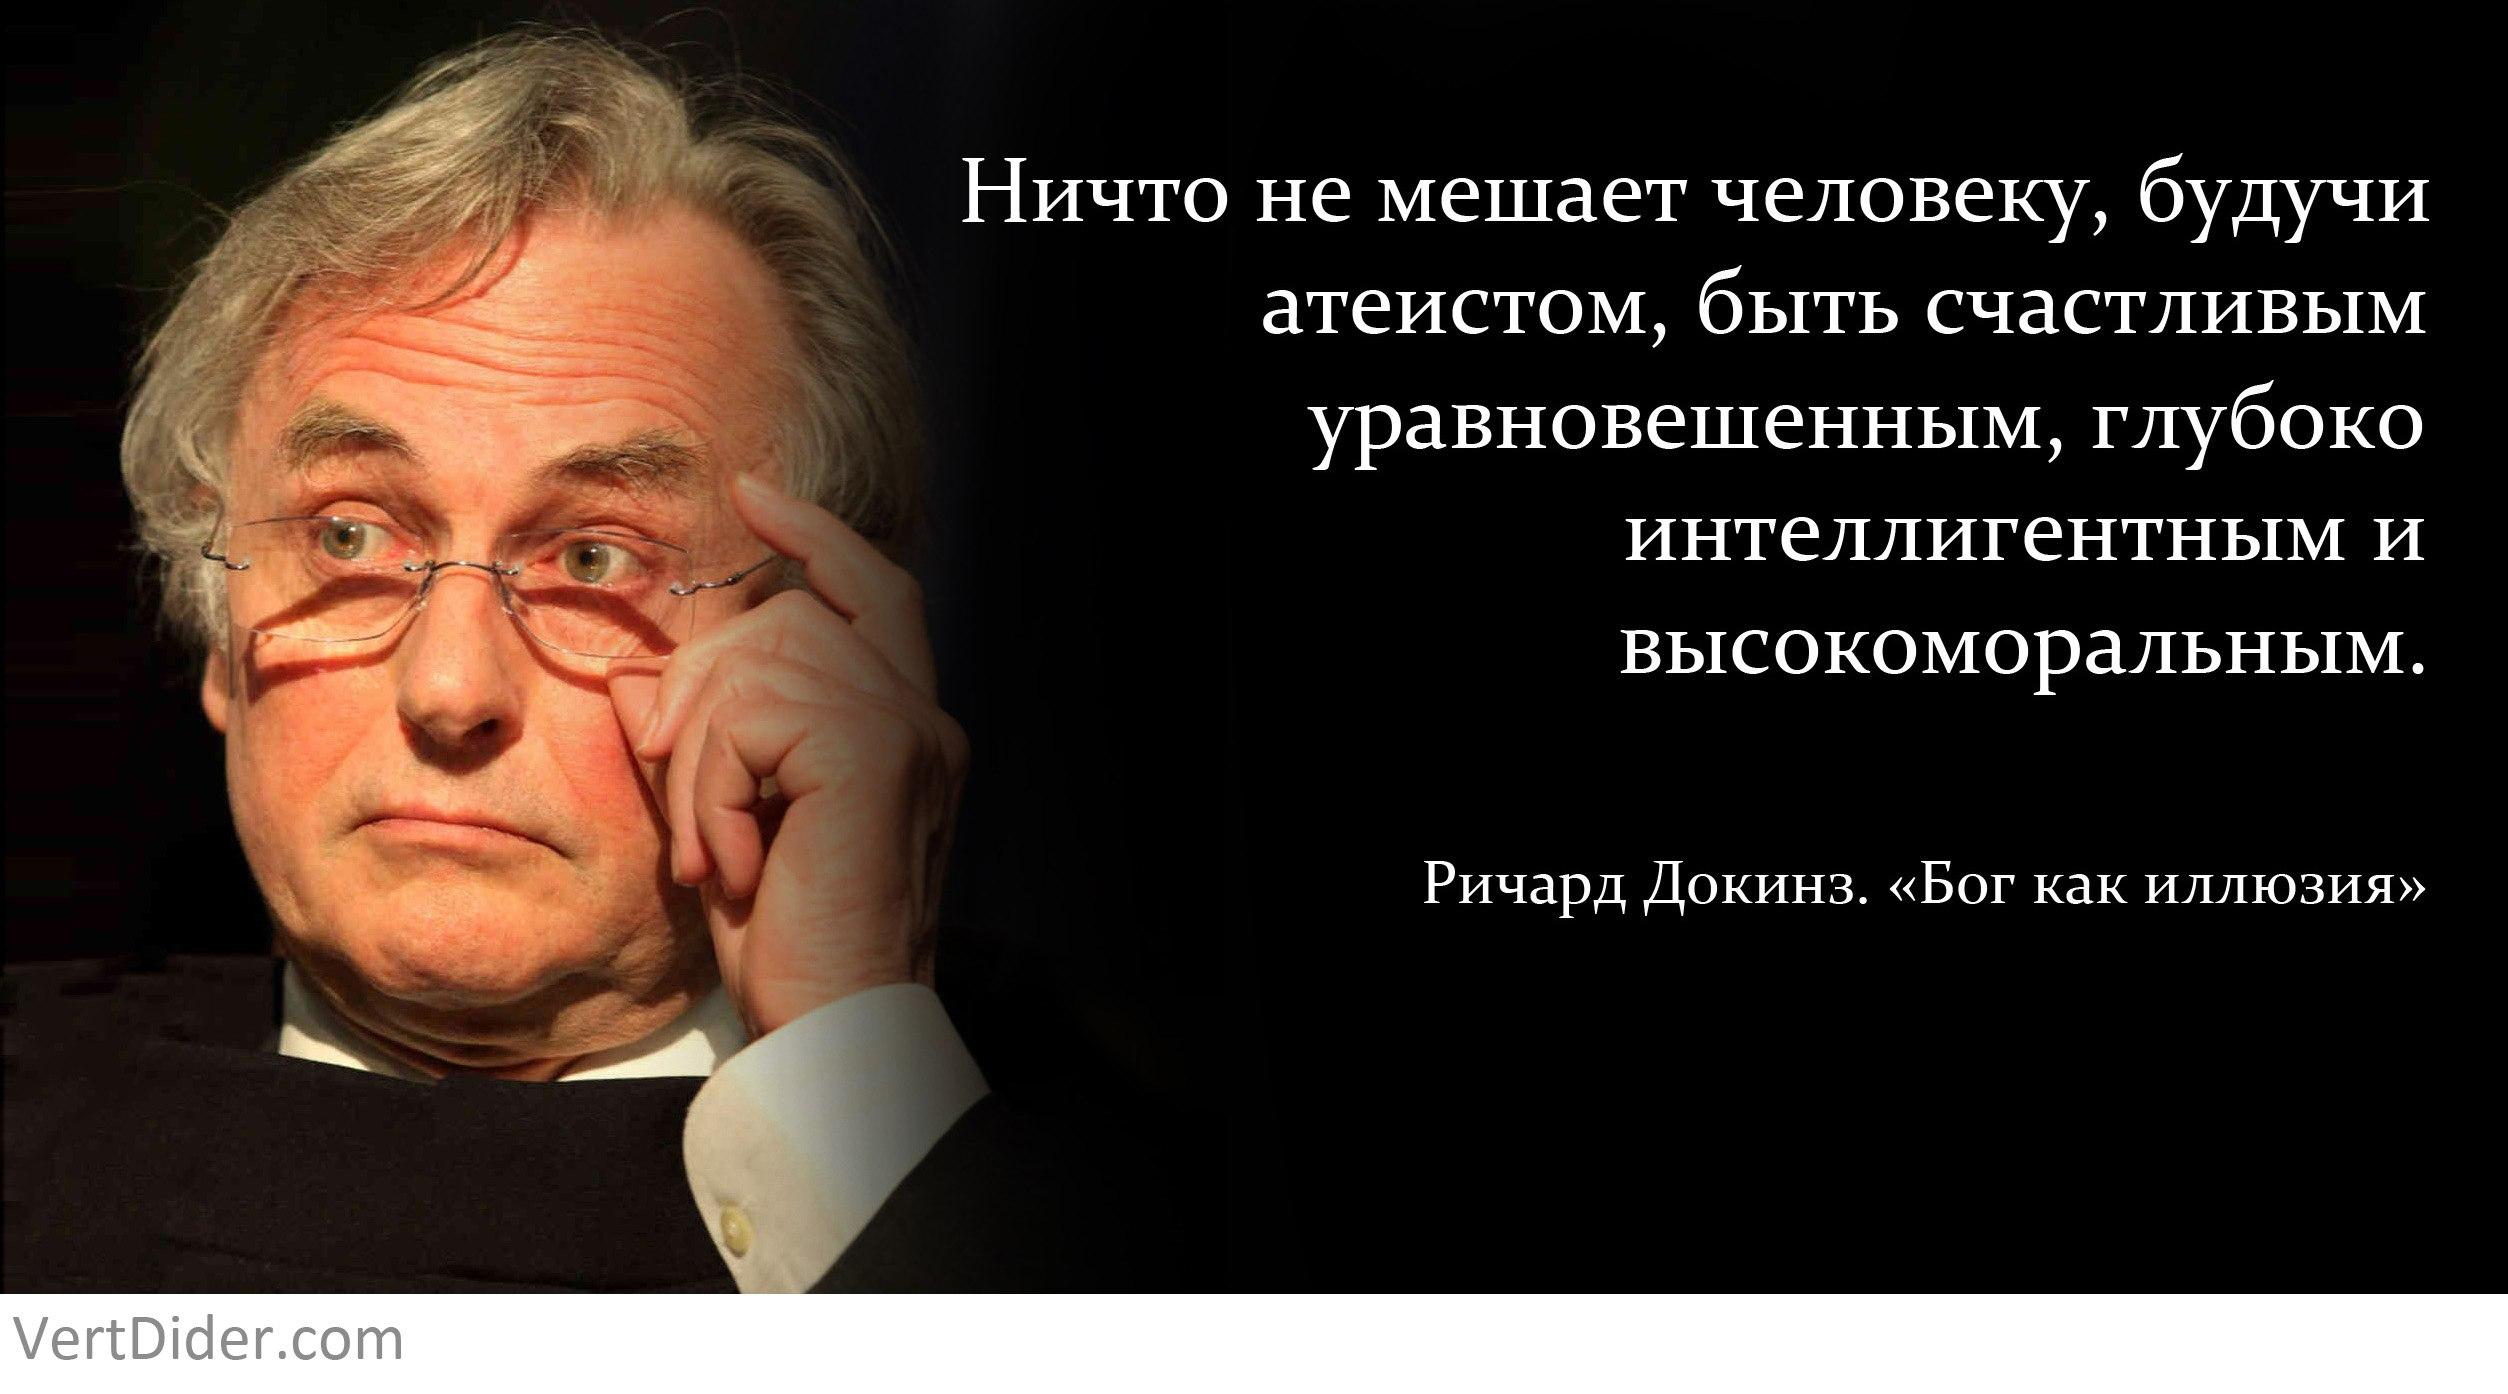 https://pp.vk.me/c620021/v620021237/10aaa/TT1PAerplNk.jpg